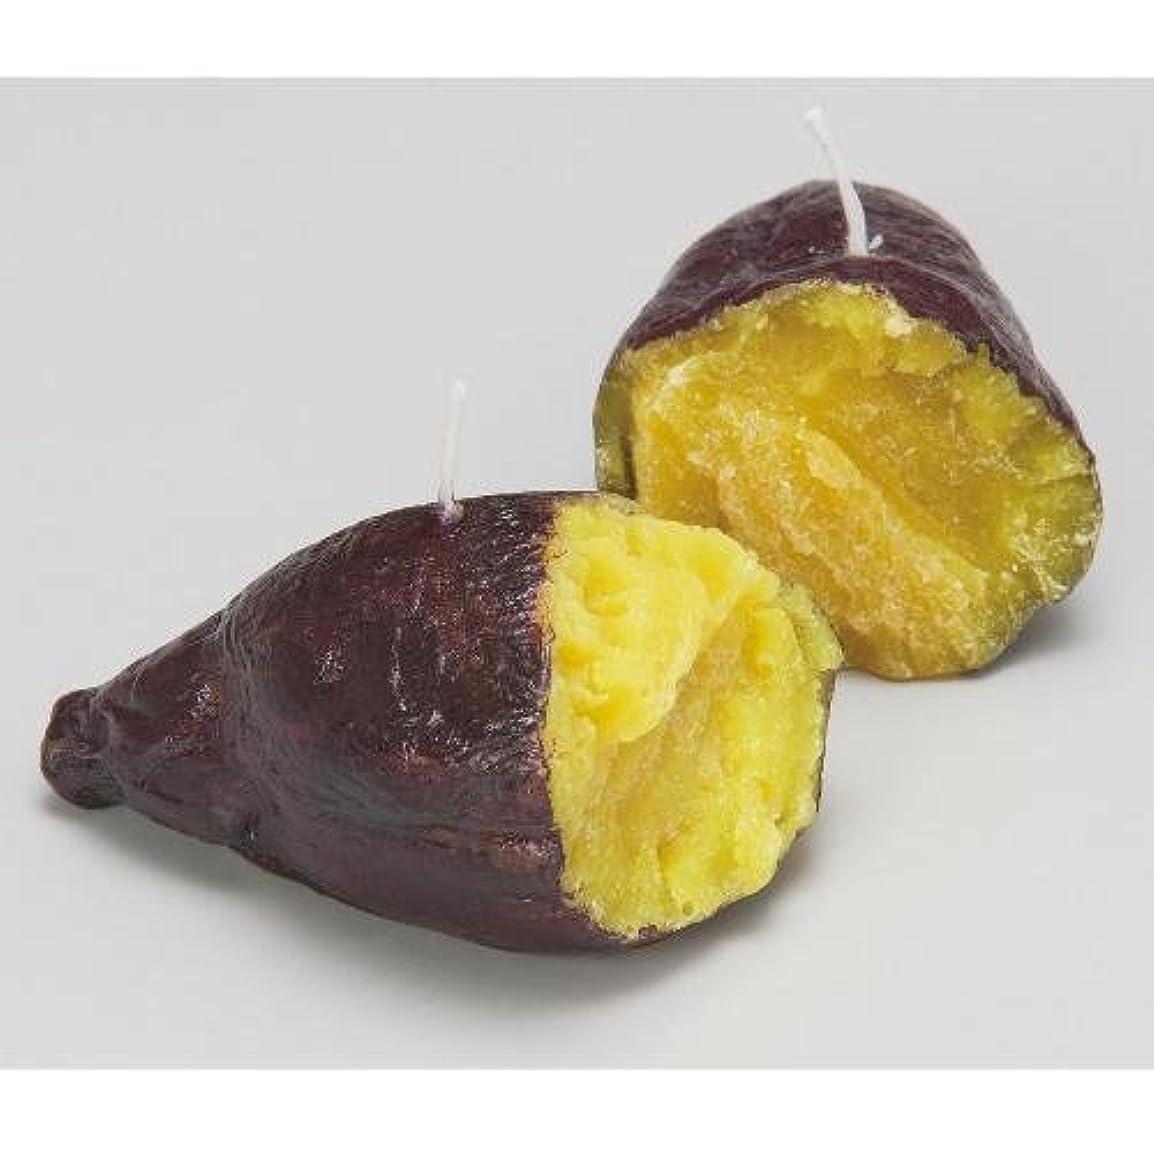 スポット樹皮土曜日焼き芋キャンドル